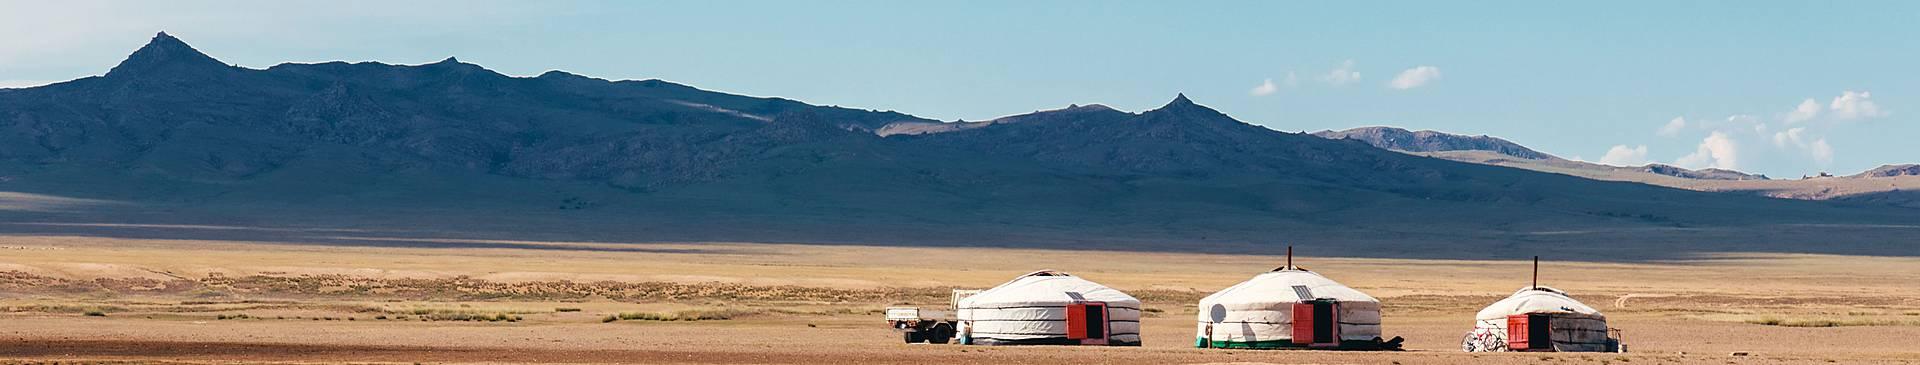 Viajes al desierto de Mongolia